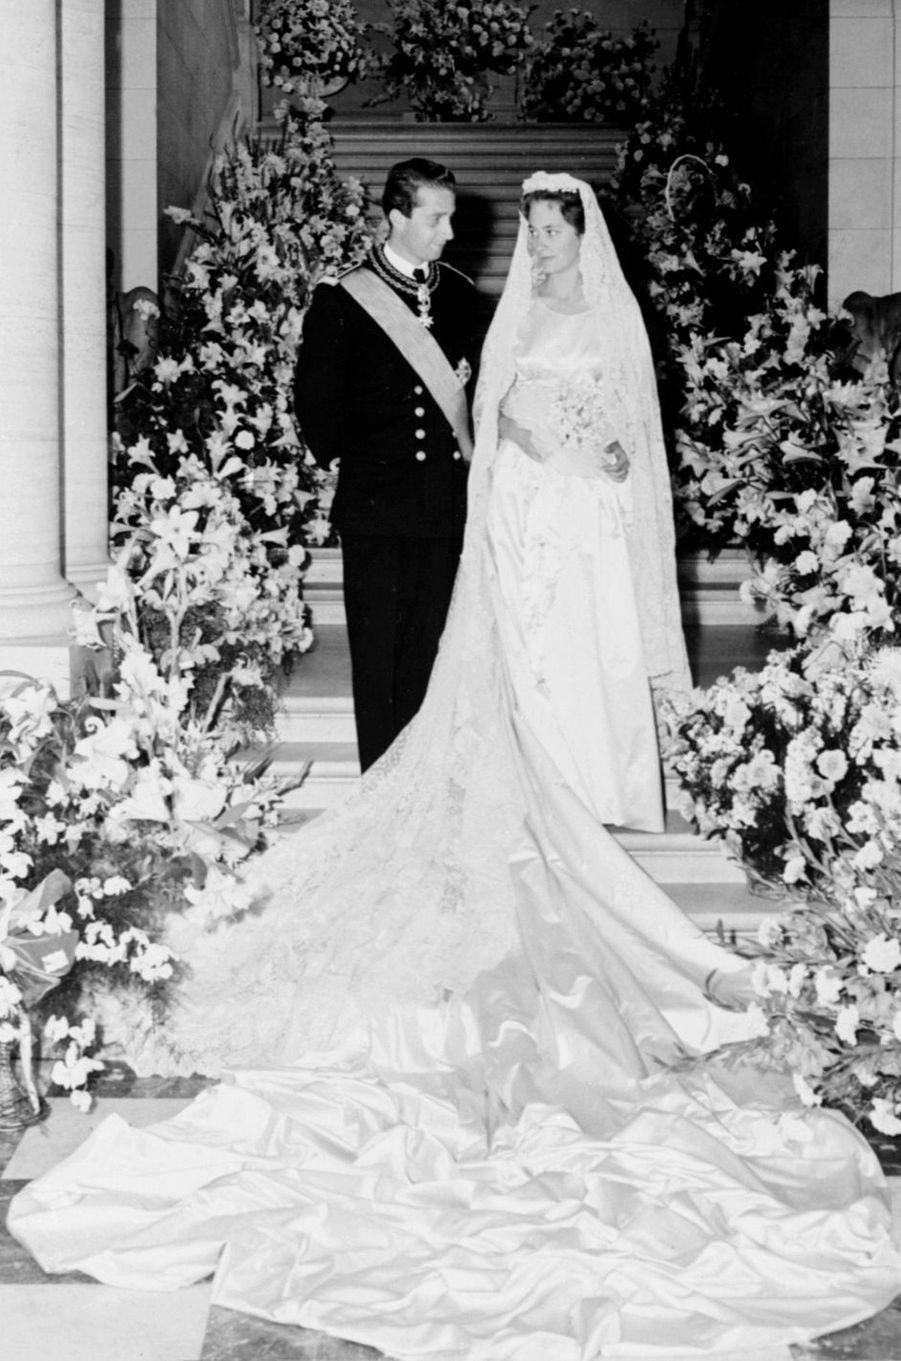 La princesse Paola Ruffo di Calabria et le prince Albert de Belgique, le jour de leur mariage le 2 juillet 1959